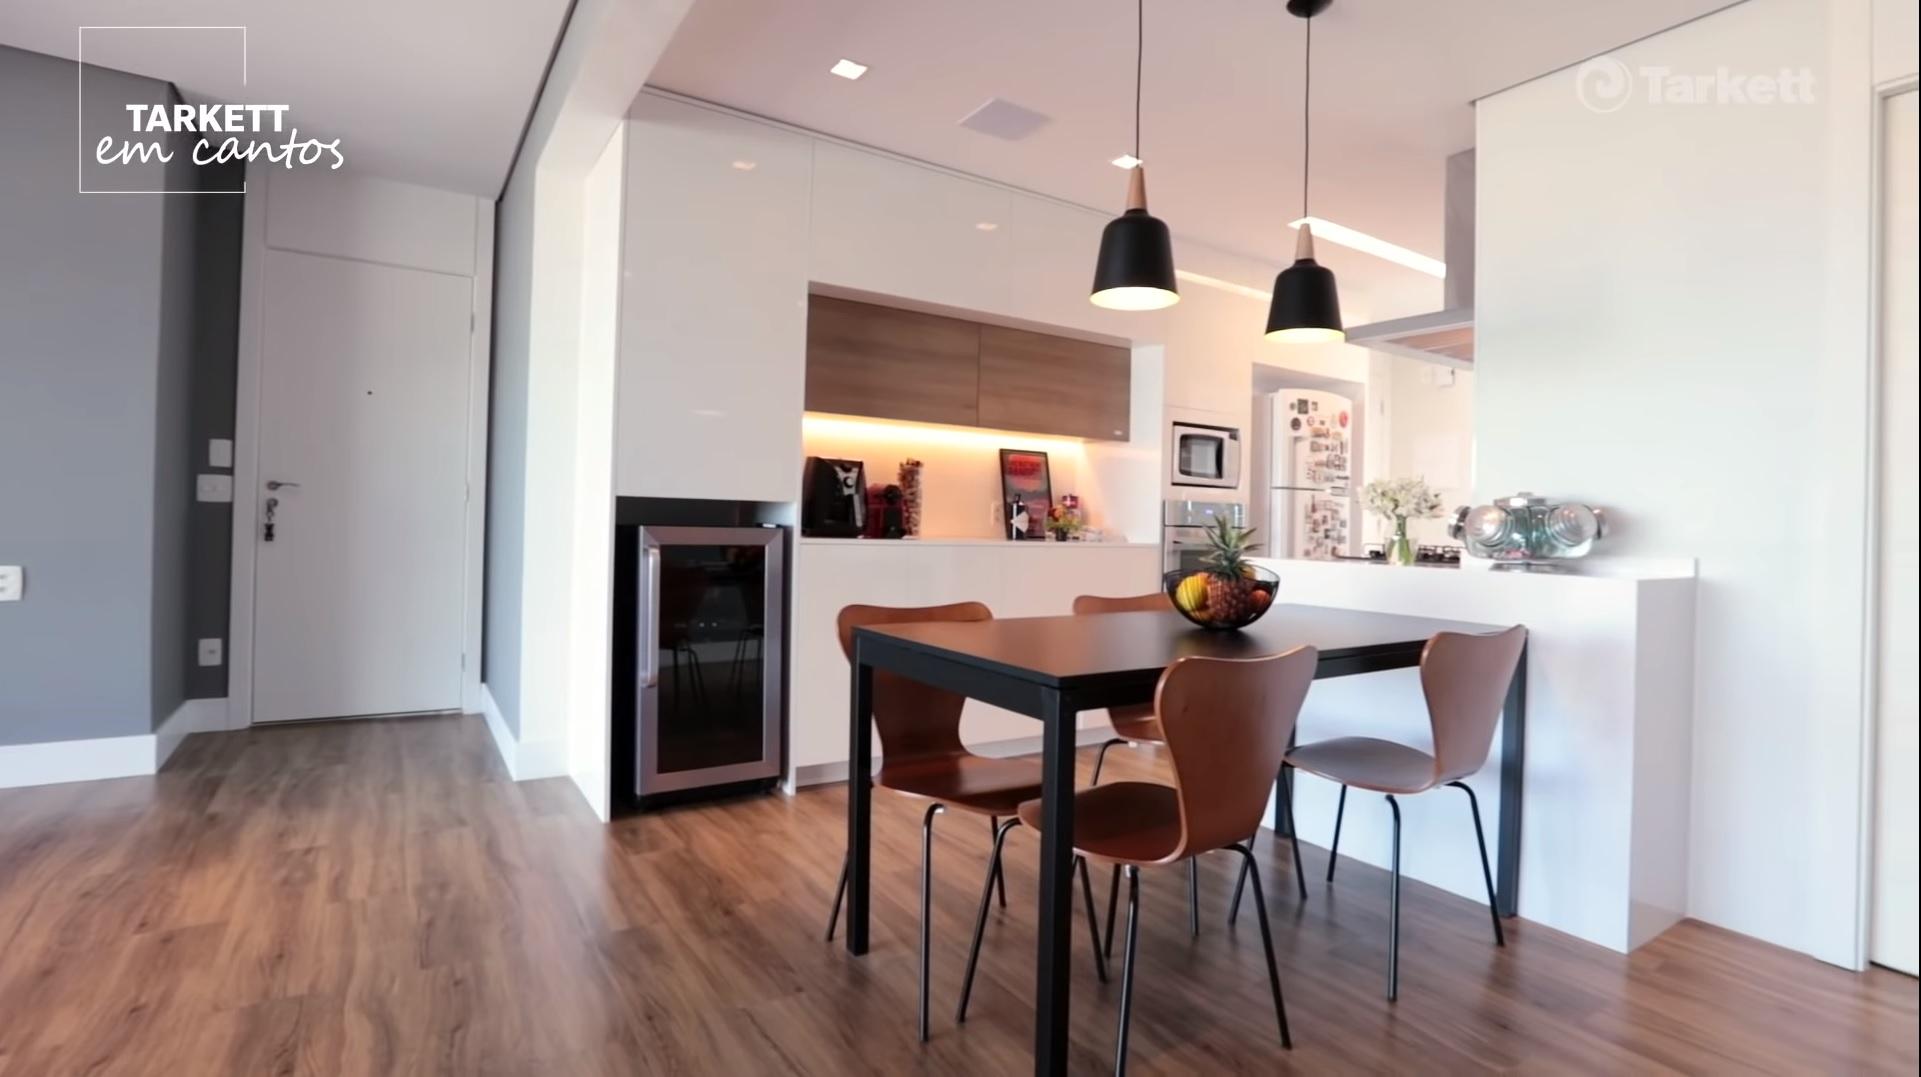 cozinha-piso-vinilico-amadeirado-1